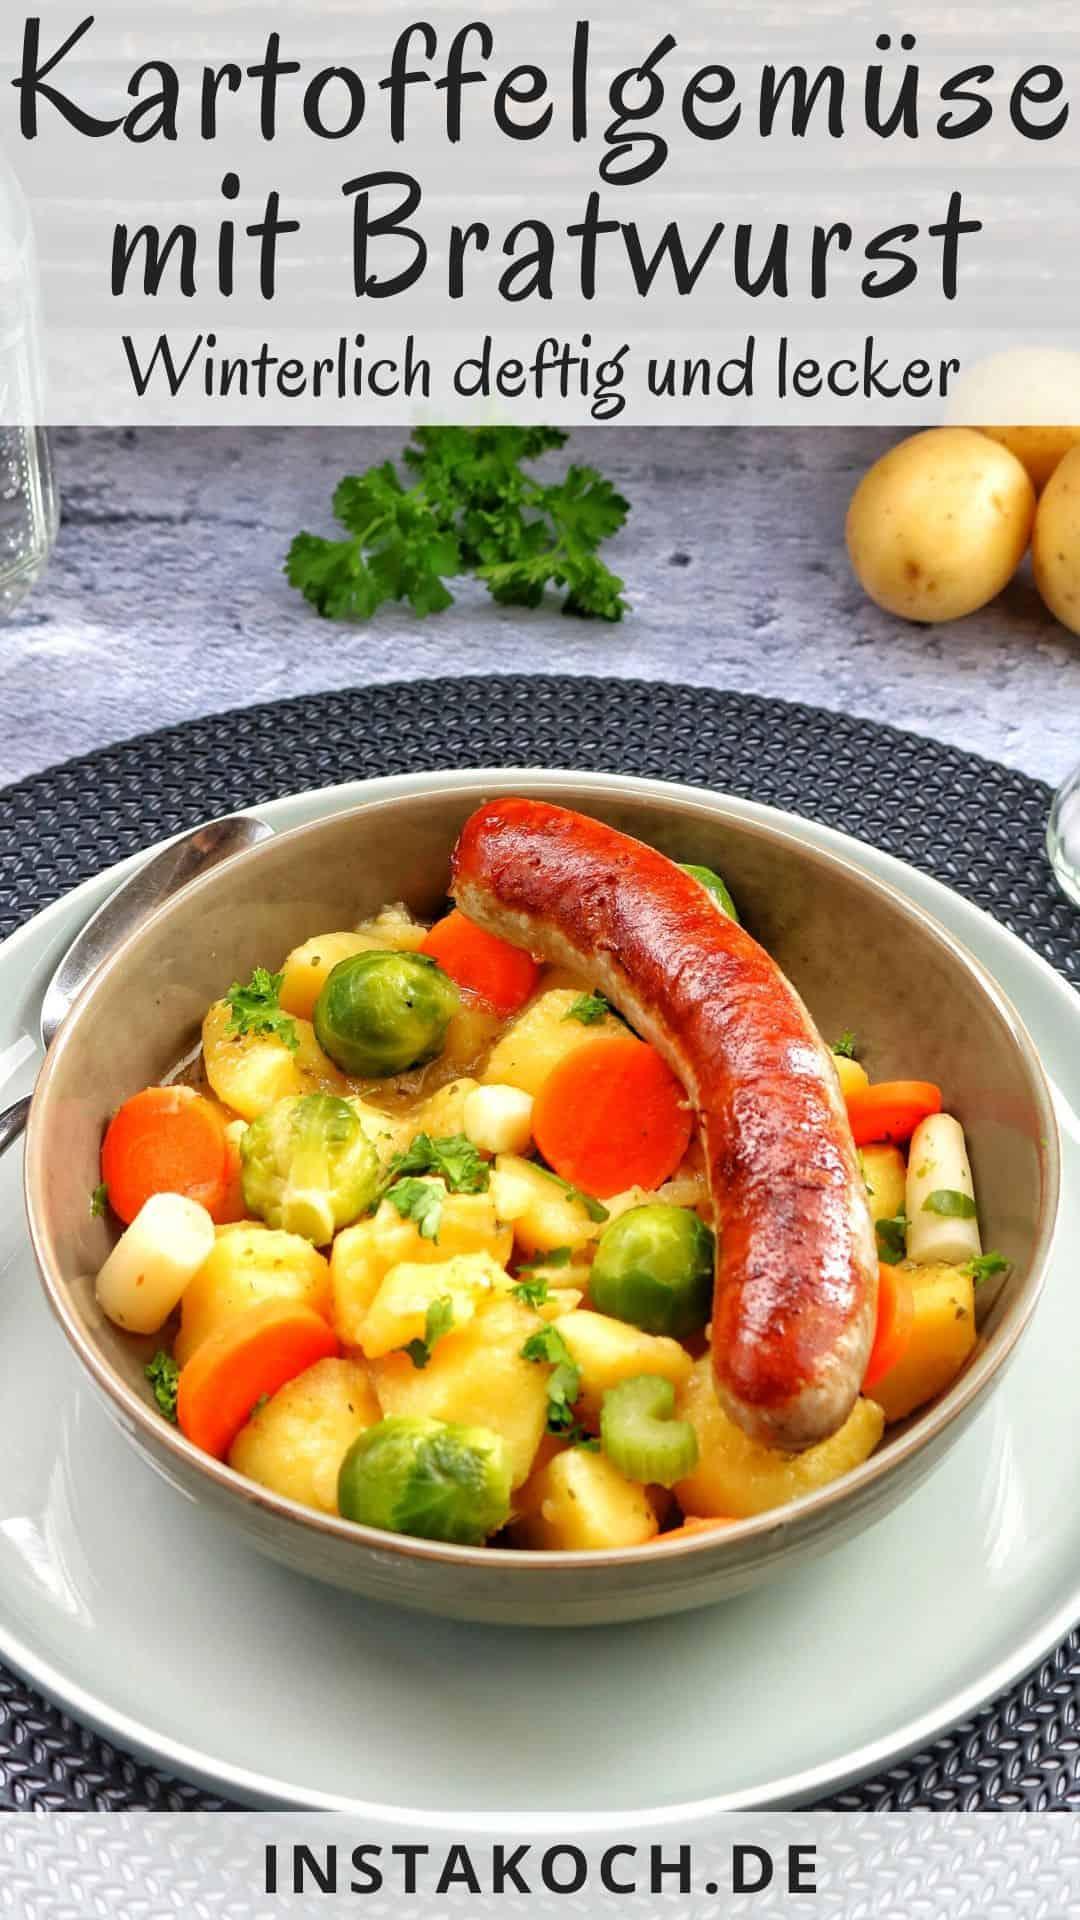 Eine Schale mit Kartoffelgemüse mit Bratwurst und Gemüse. Dahinter ein Glas Wasser und Gemüse als Deko.